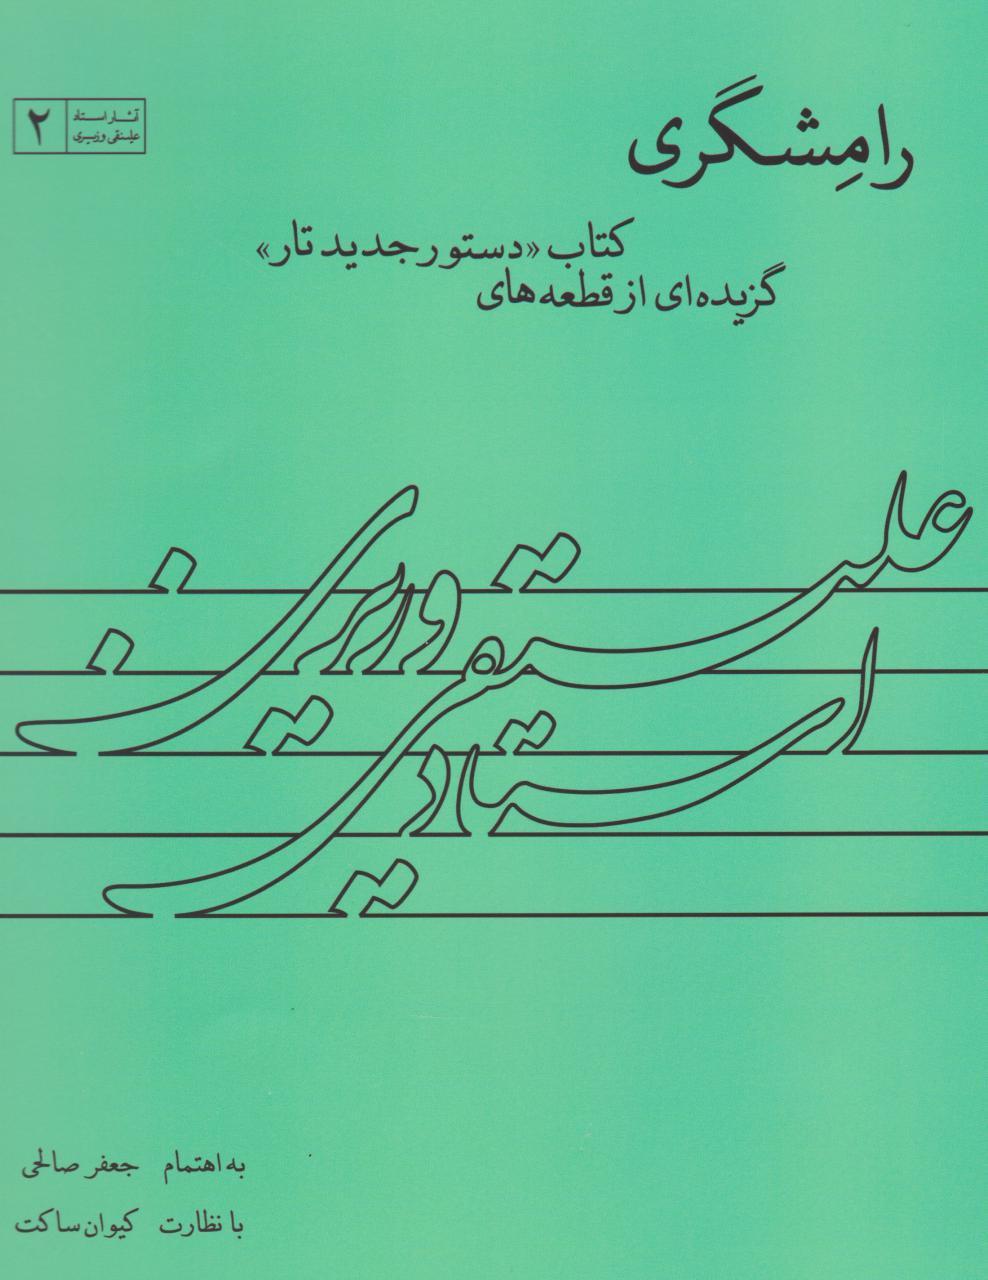 کتاب رامشگری (گزیدهای از قطعههای دستور جدید تار) علینقی وزیری انتشارات نشر رازگو